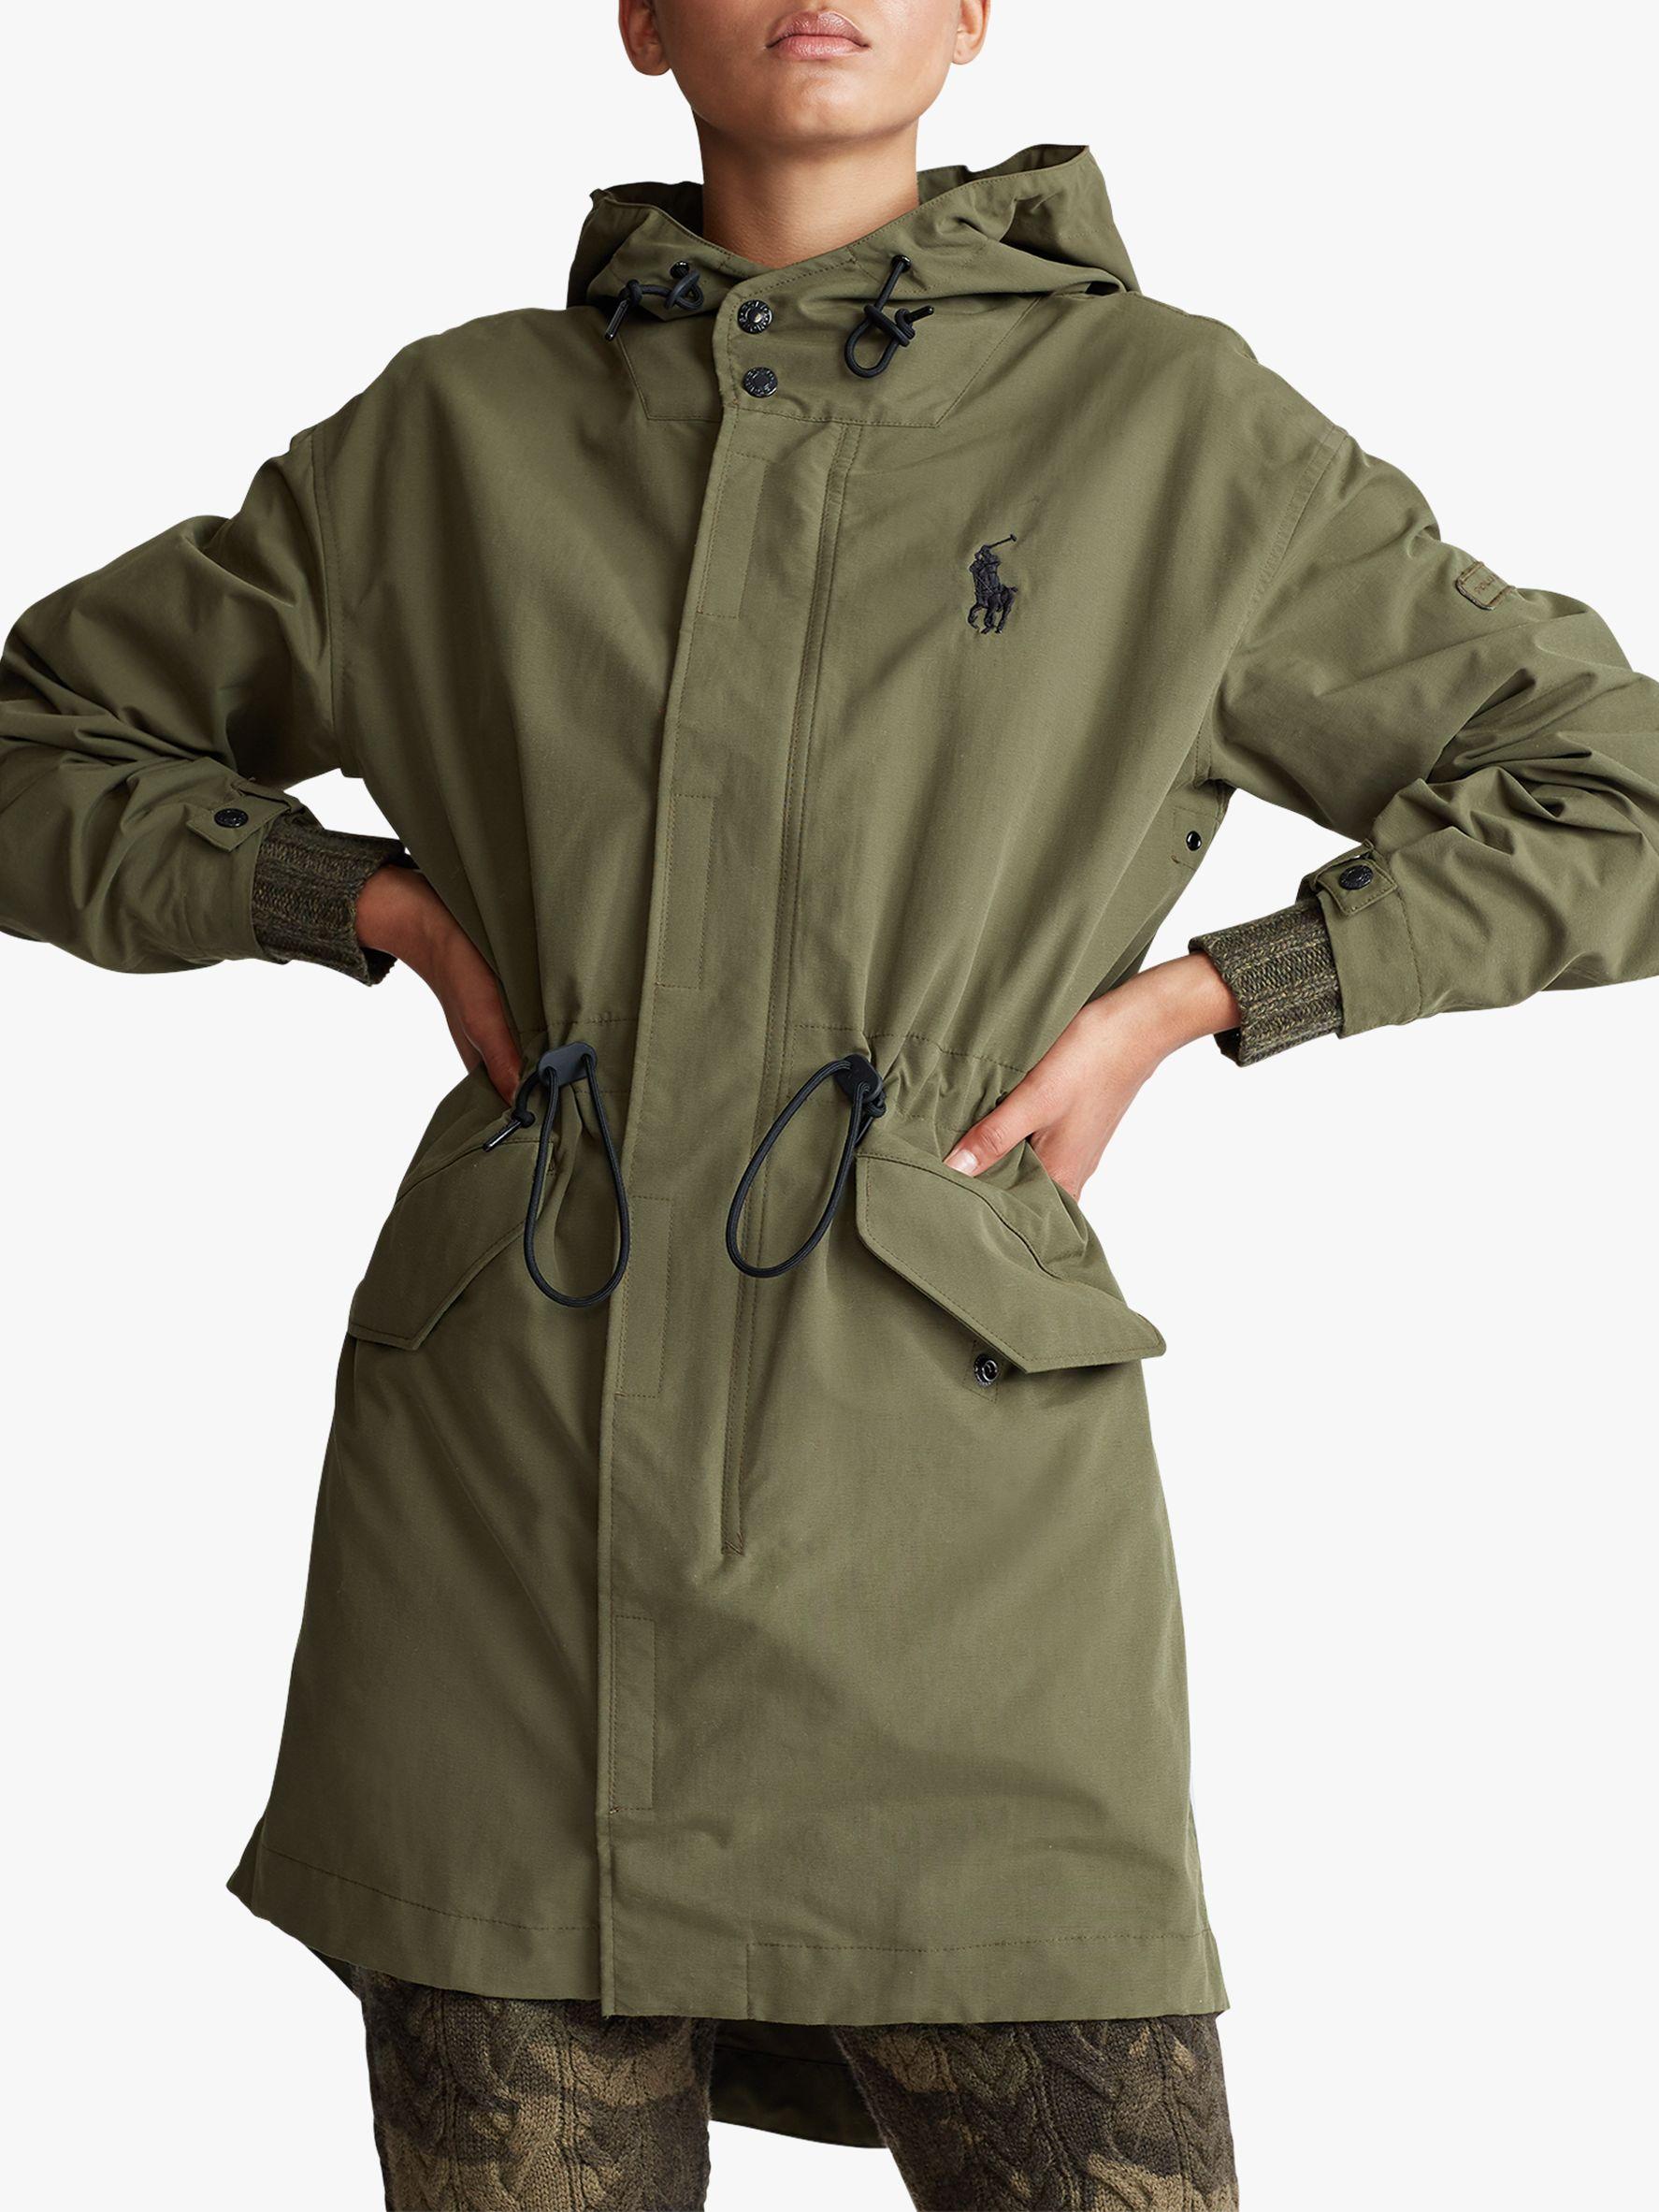 Ralph Lauren Polo Ralph Lauren Newport Windbreaker Jacket, Expedition Olive